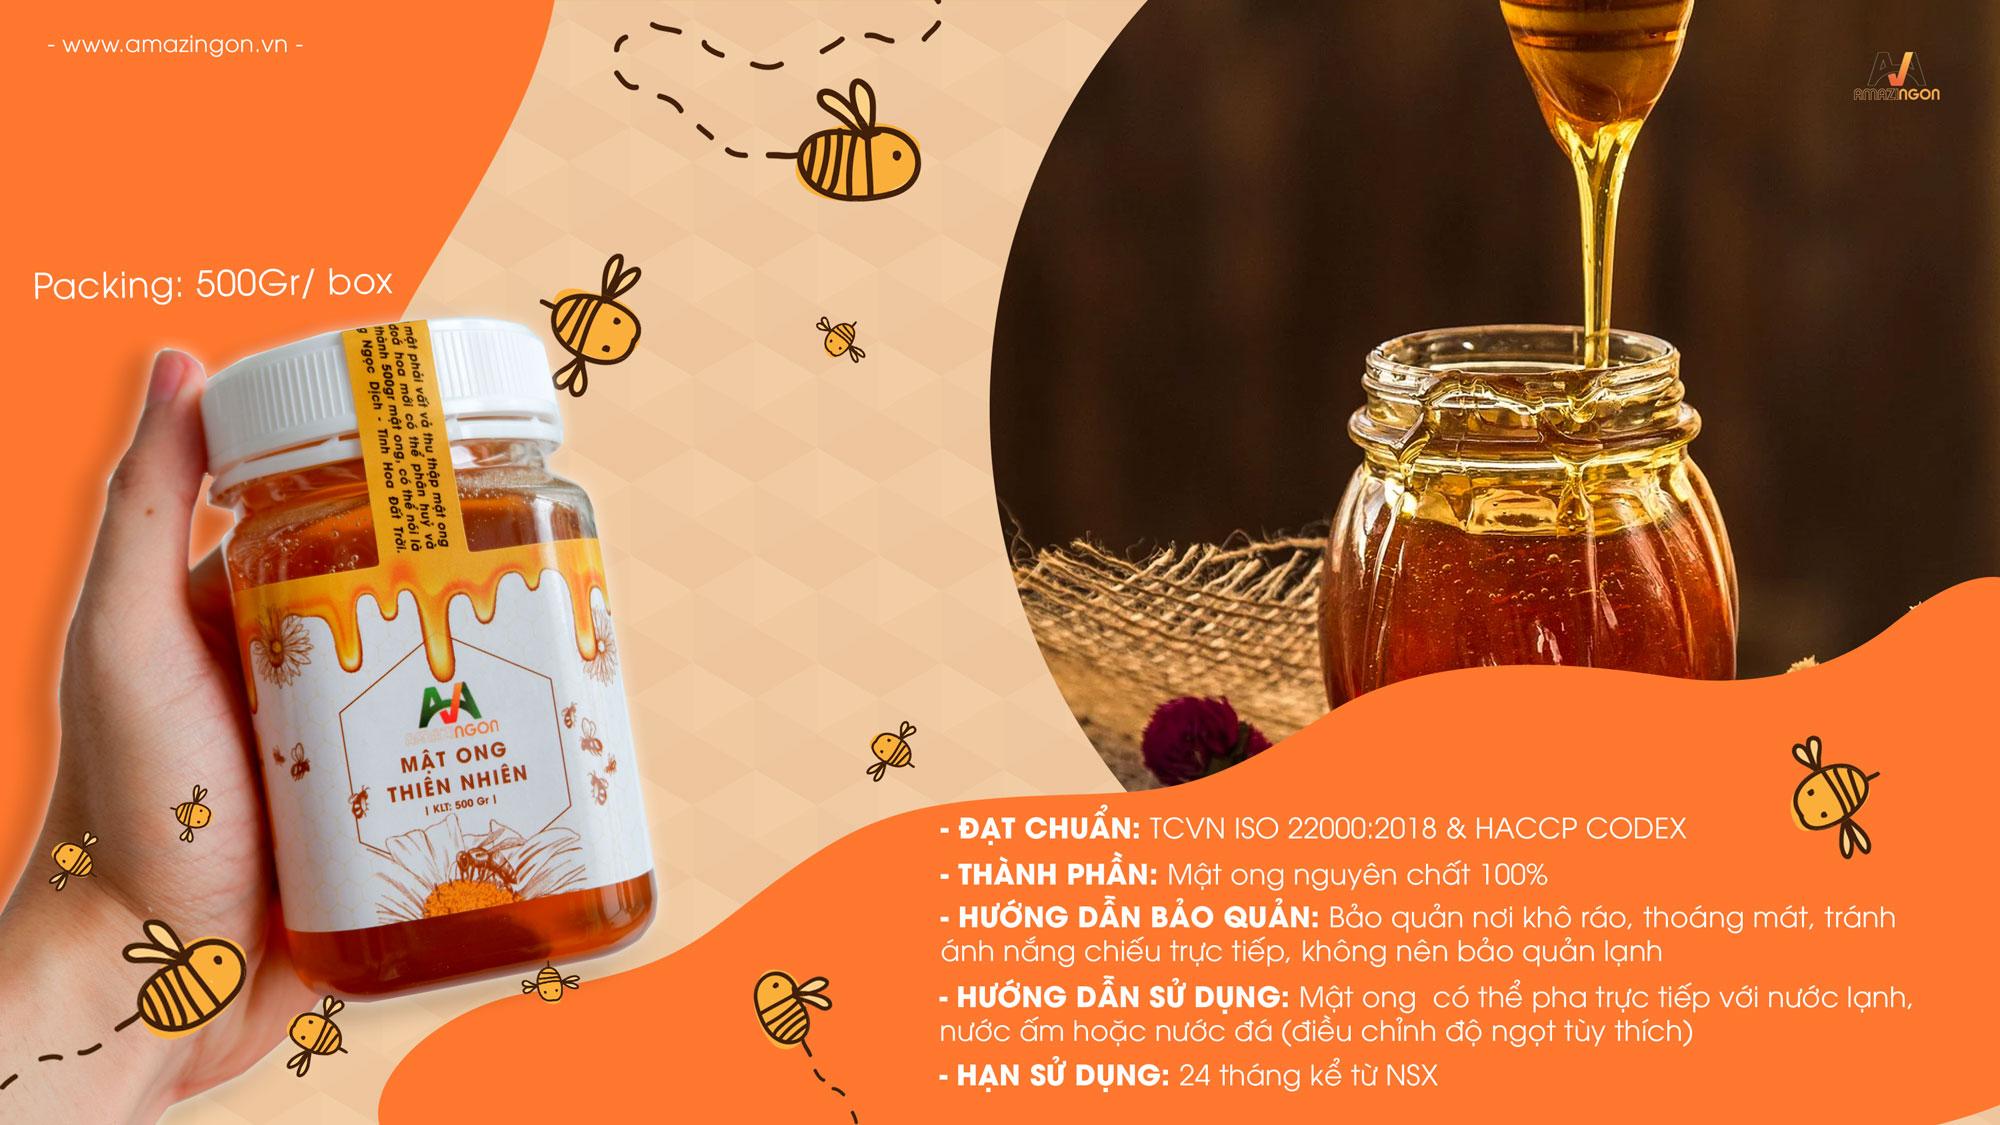 mật ong thiên nhiên nguyên chất Amazingon